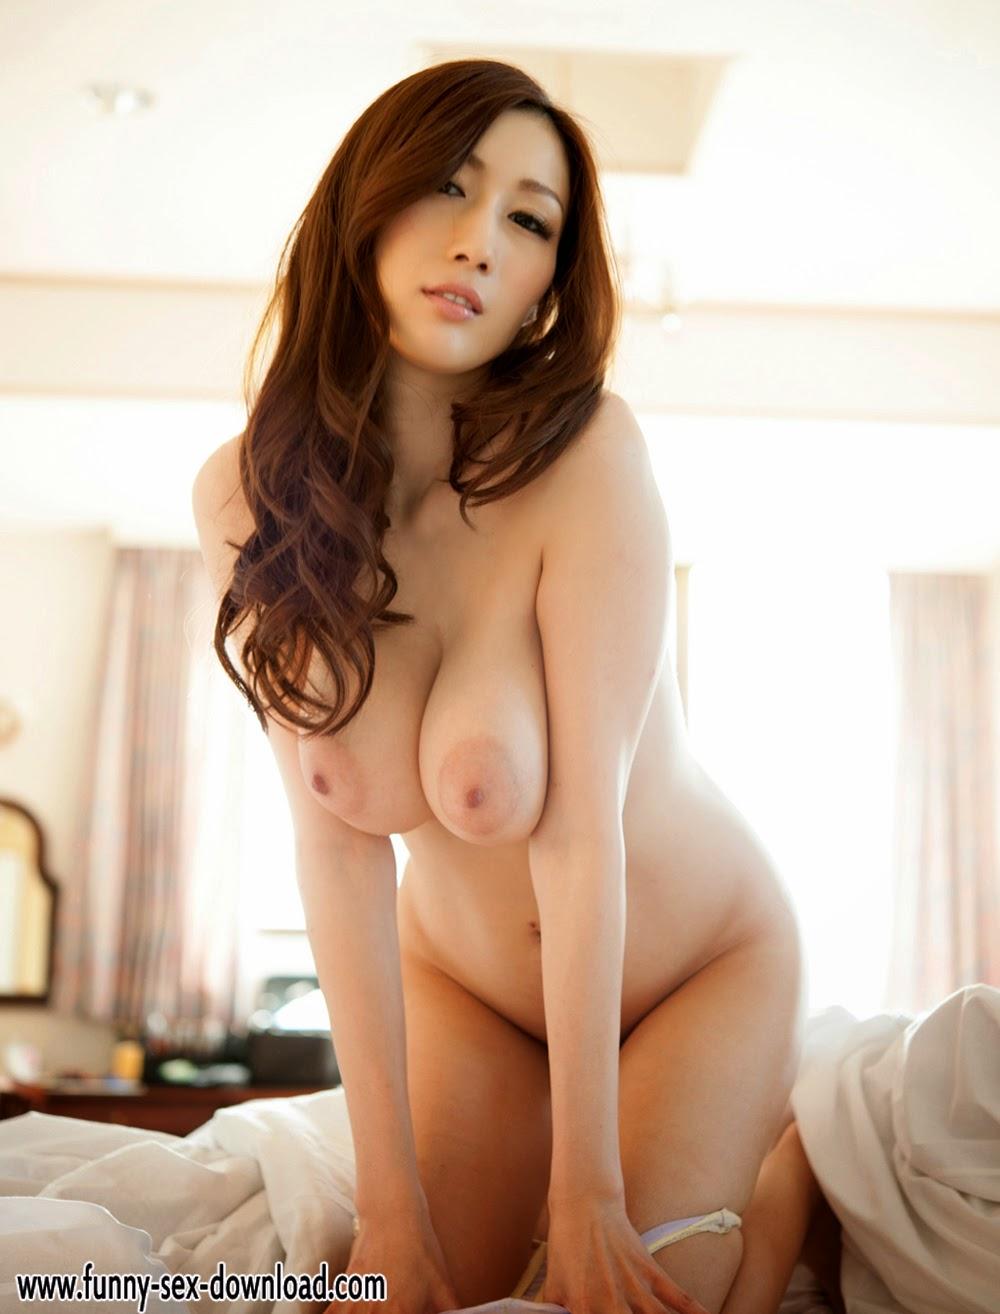 Heiße nackte Bilder von koreanischen Frauen 9